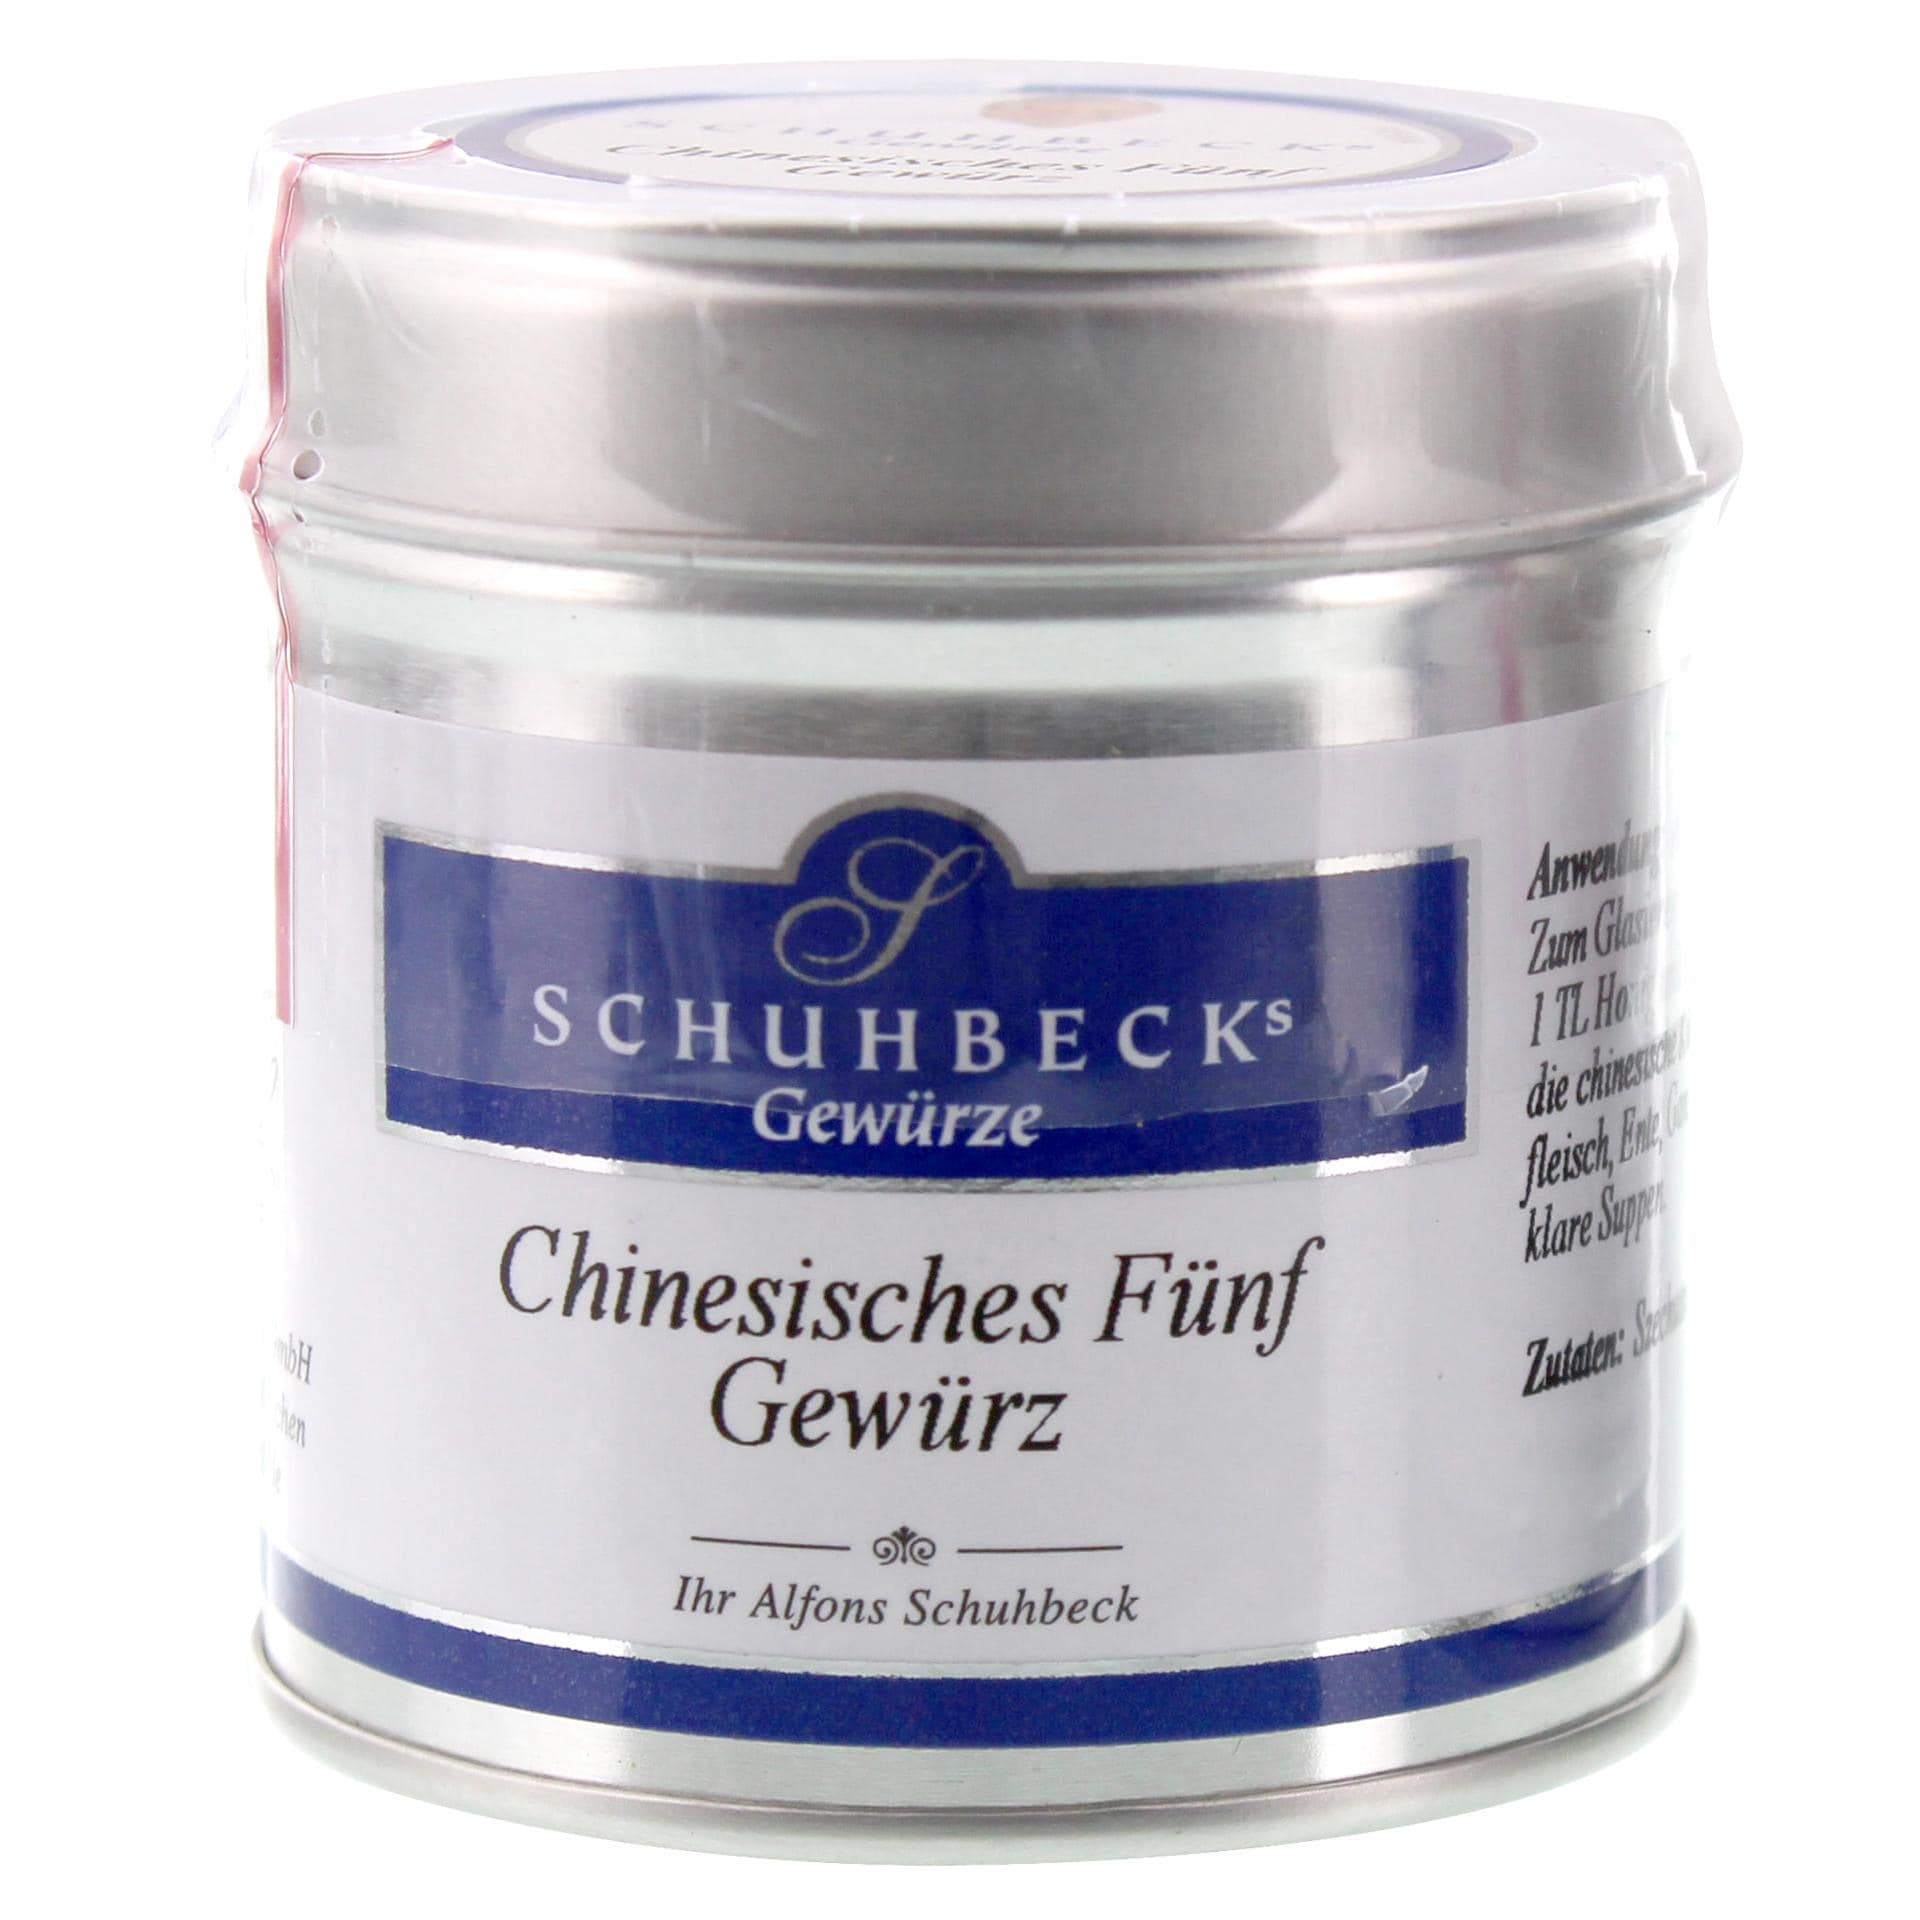 Schuhbecks - Chinesisches Fünf Gewürz - 45g